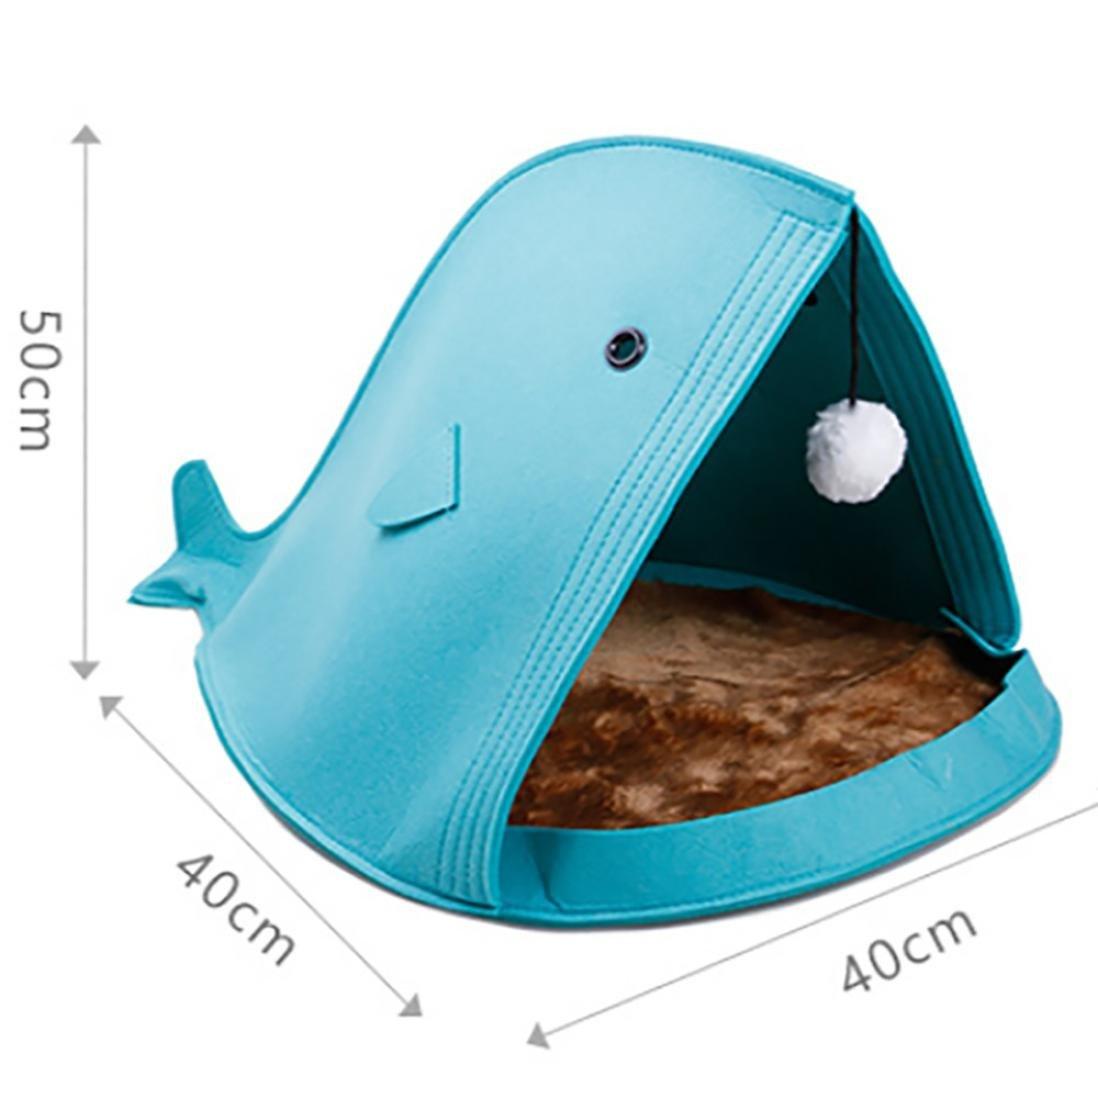 Bescita - Cama para Mascotas con Forma de tiburón para Perro, Gato, Cachorro, Suave, cálida y Plegable, Azul: Amazon.es: Deportes y aire libre